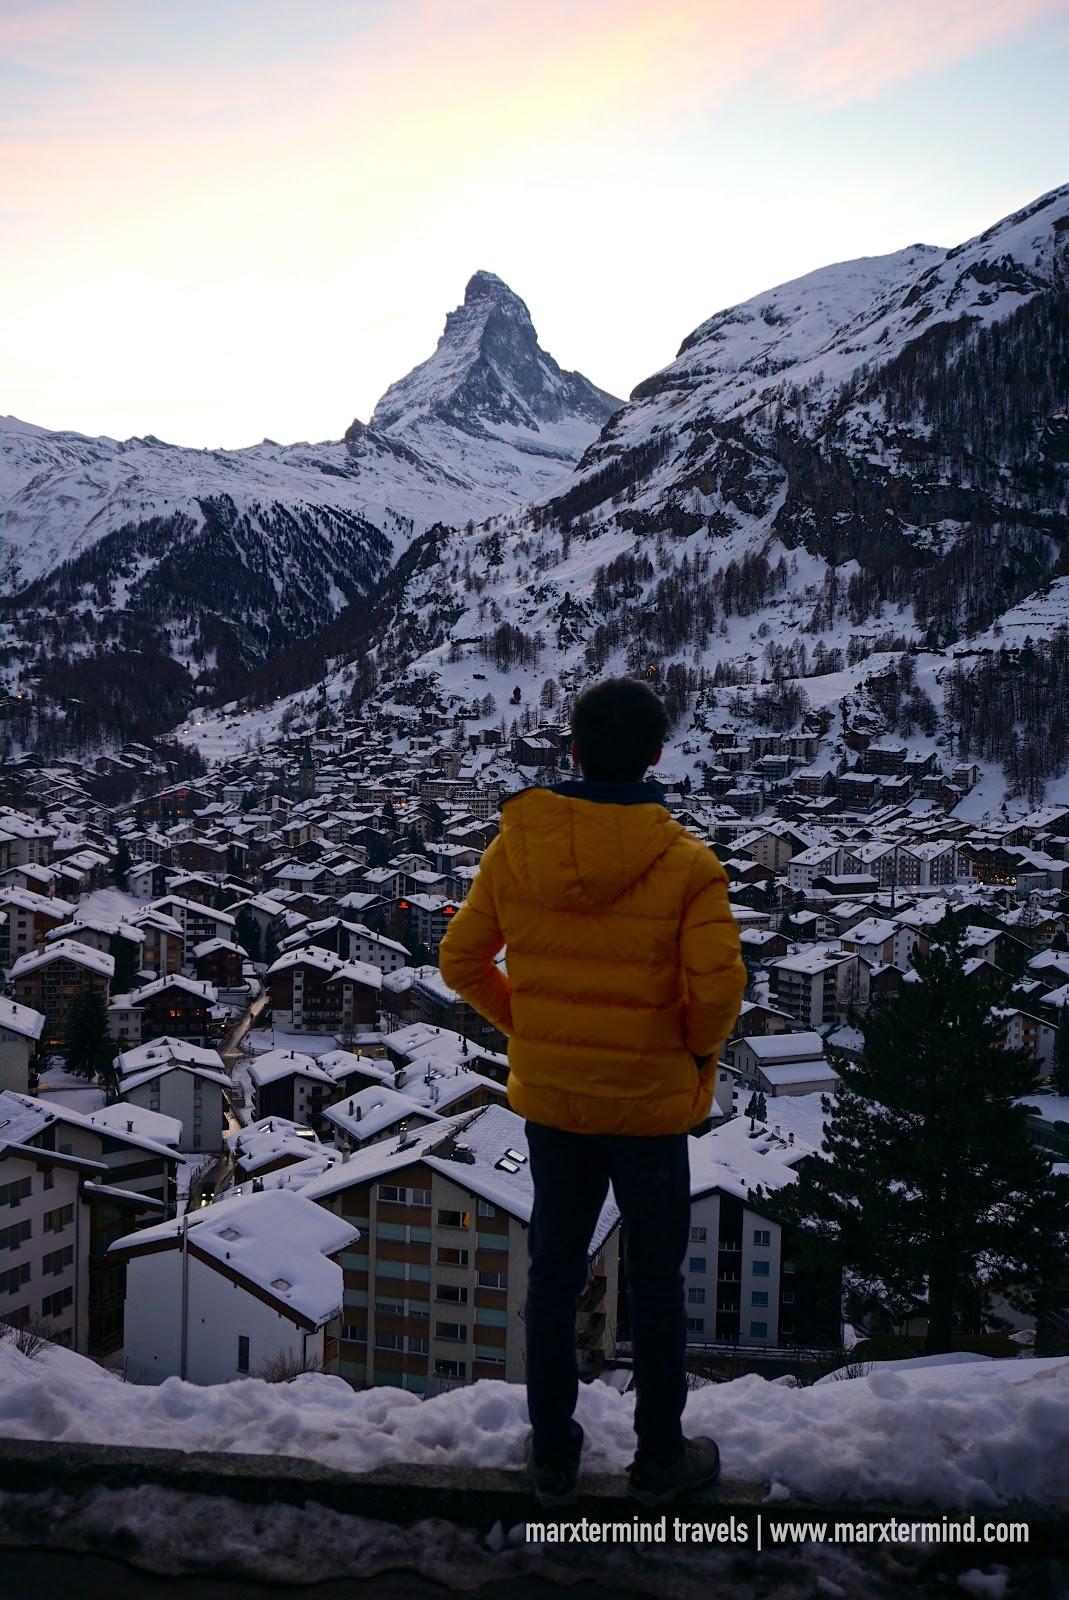 marxtermind in Zermatt, Switzerland